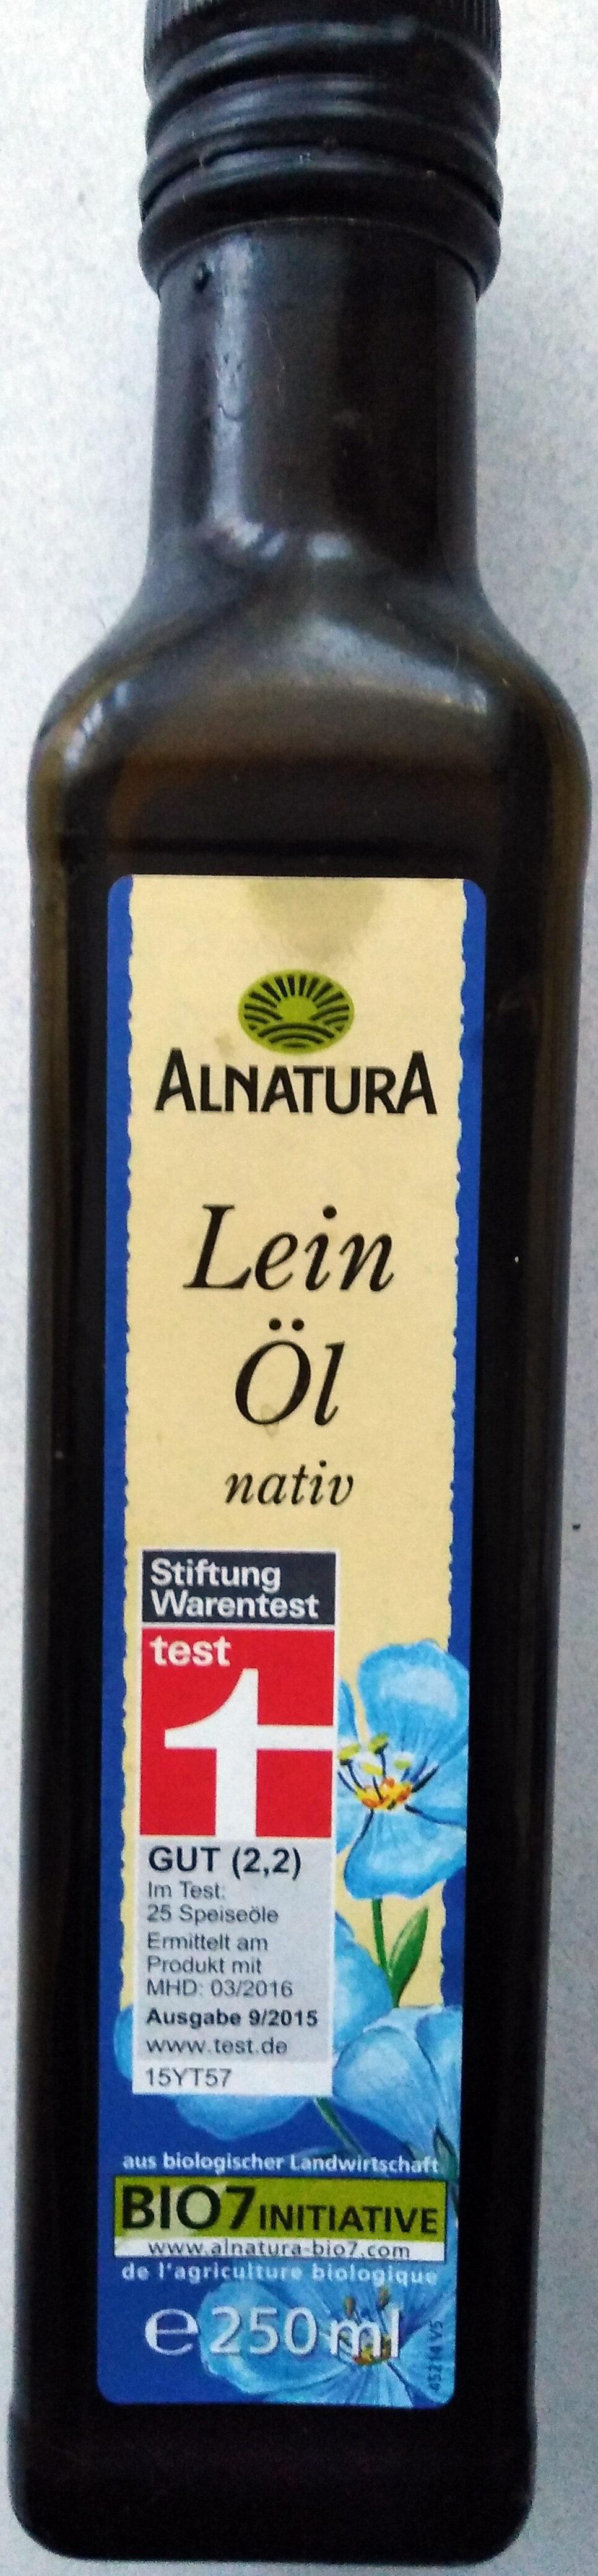 Leinöl, Nativ - Produit - de